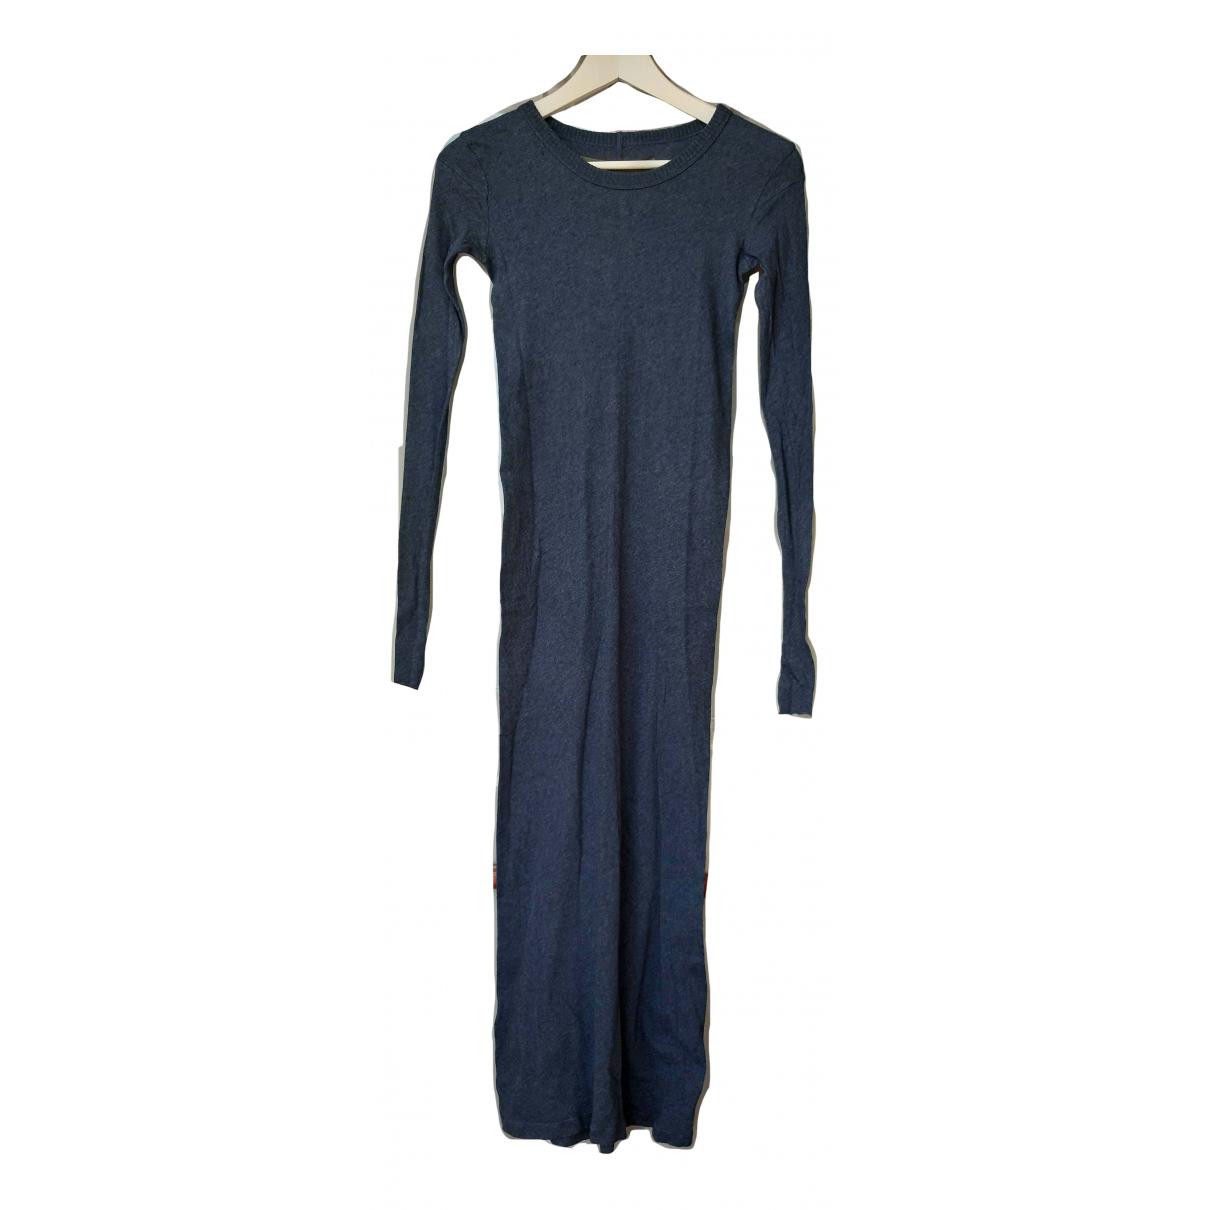 Enza Costa \N Kleid in  Blau Viskose